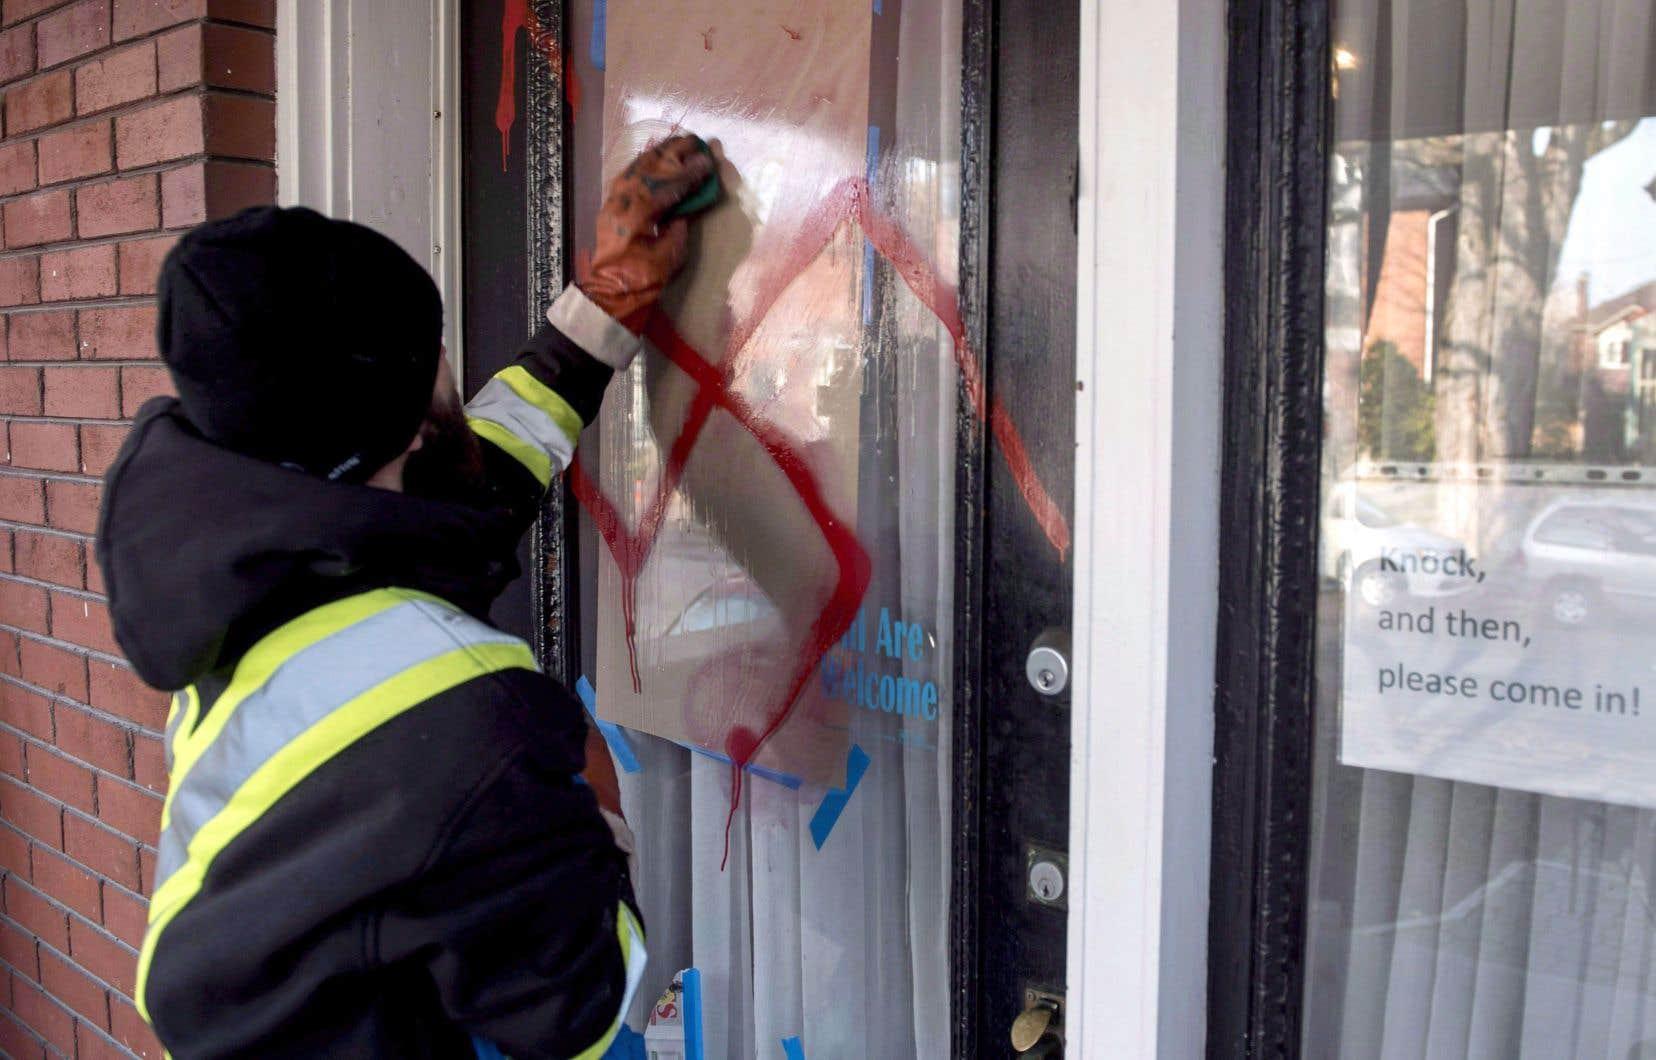 Une croix gammée avait été peinte par des vandales sur une synagogue d'Ottawa en novembre 2016. Le nombre d'incidents ciblant les juifs, tout comme les musulmans et les Noirs, est à la hausse au Canada.